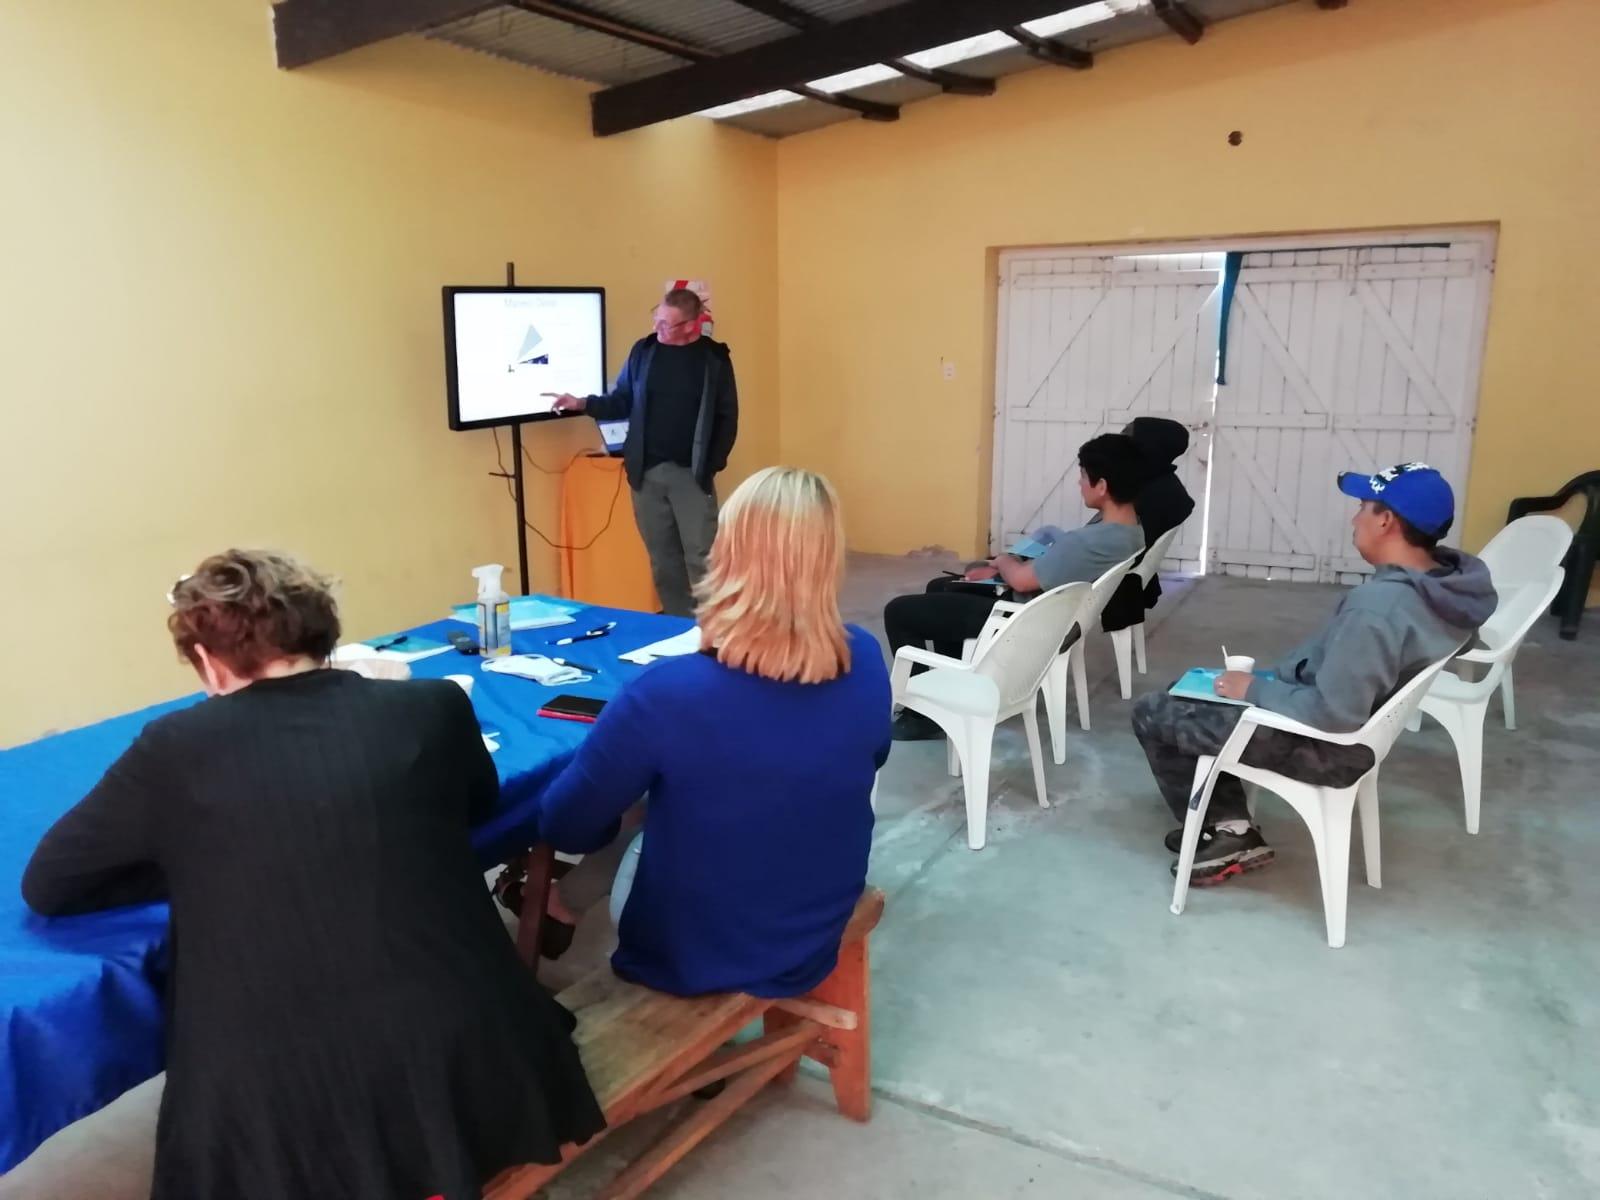 Curso de formación en oficios rurales para jóvenes en Gaiman